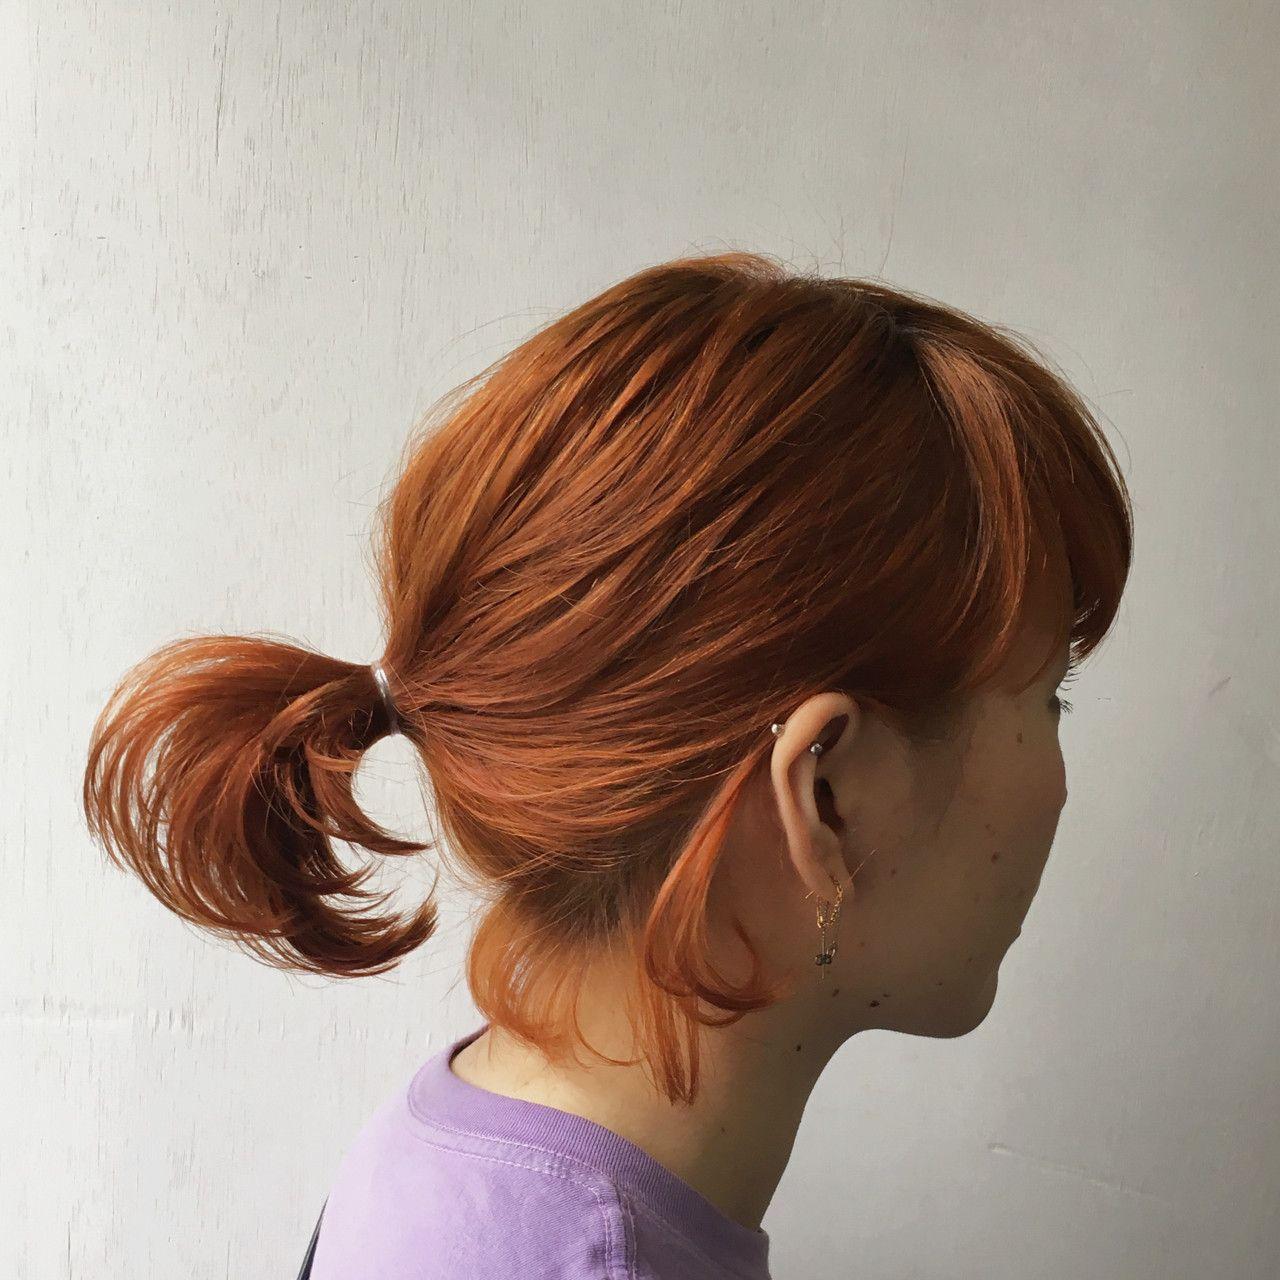 Hair 井上 拓耶さんのヘアスタイルスナップ Id 170010 ヘア